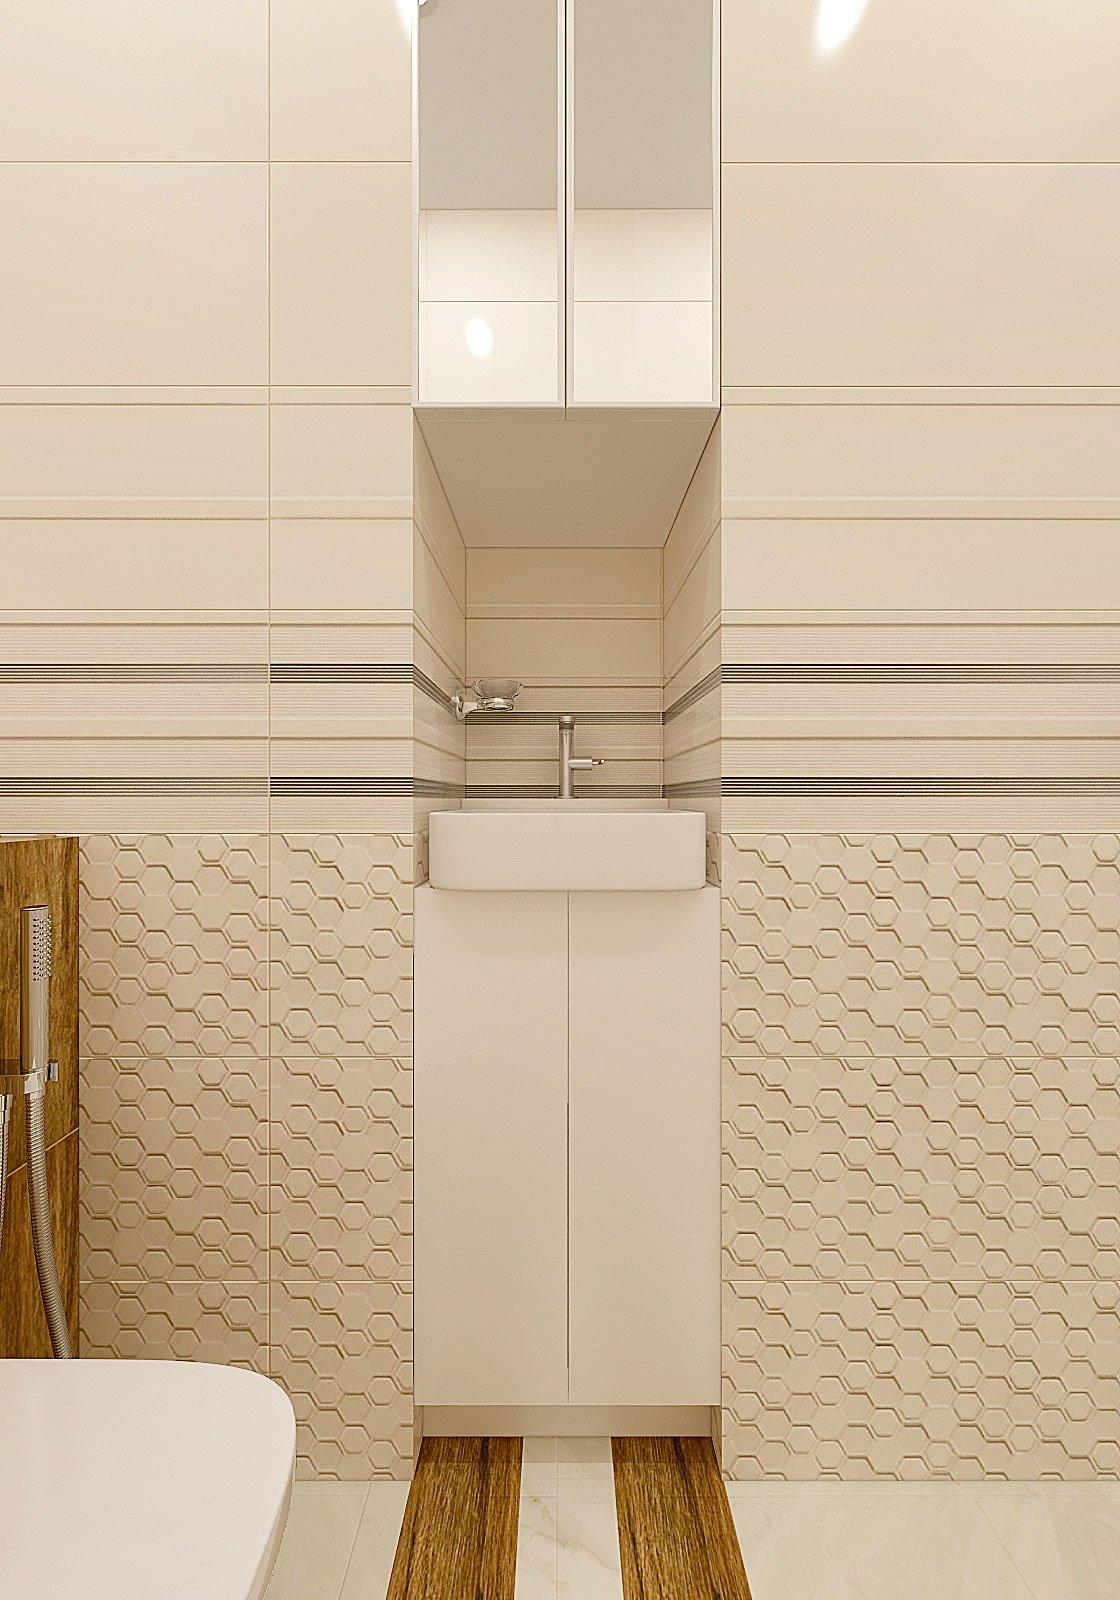 дизайн интерьера туалета в современном стиле, Гомель 2018, фото №1